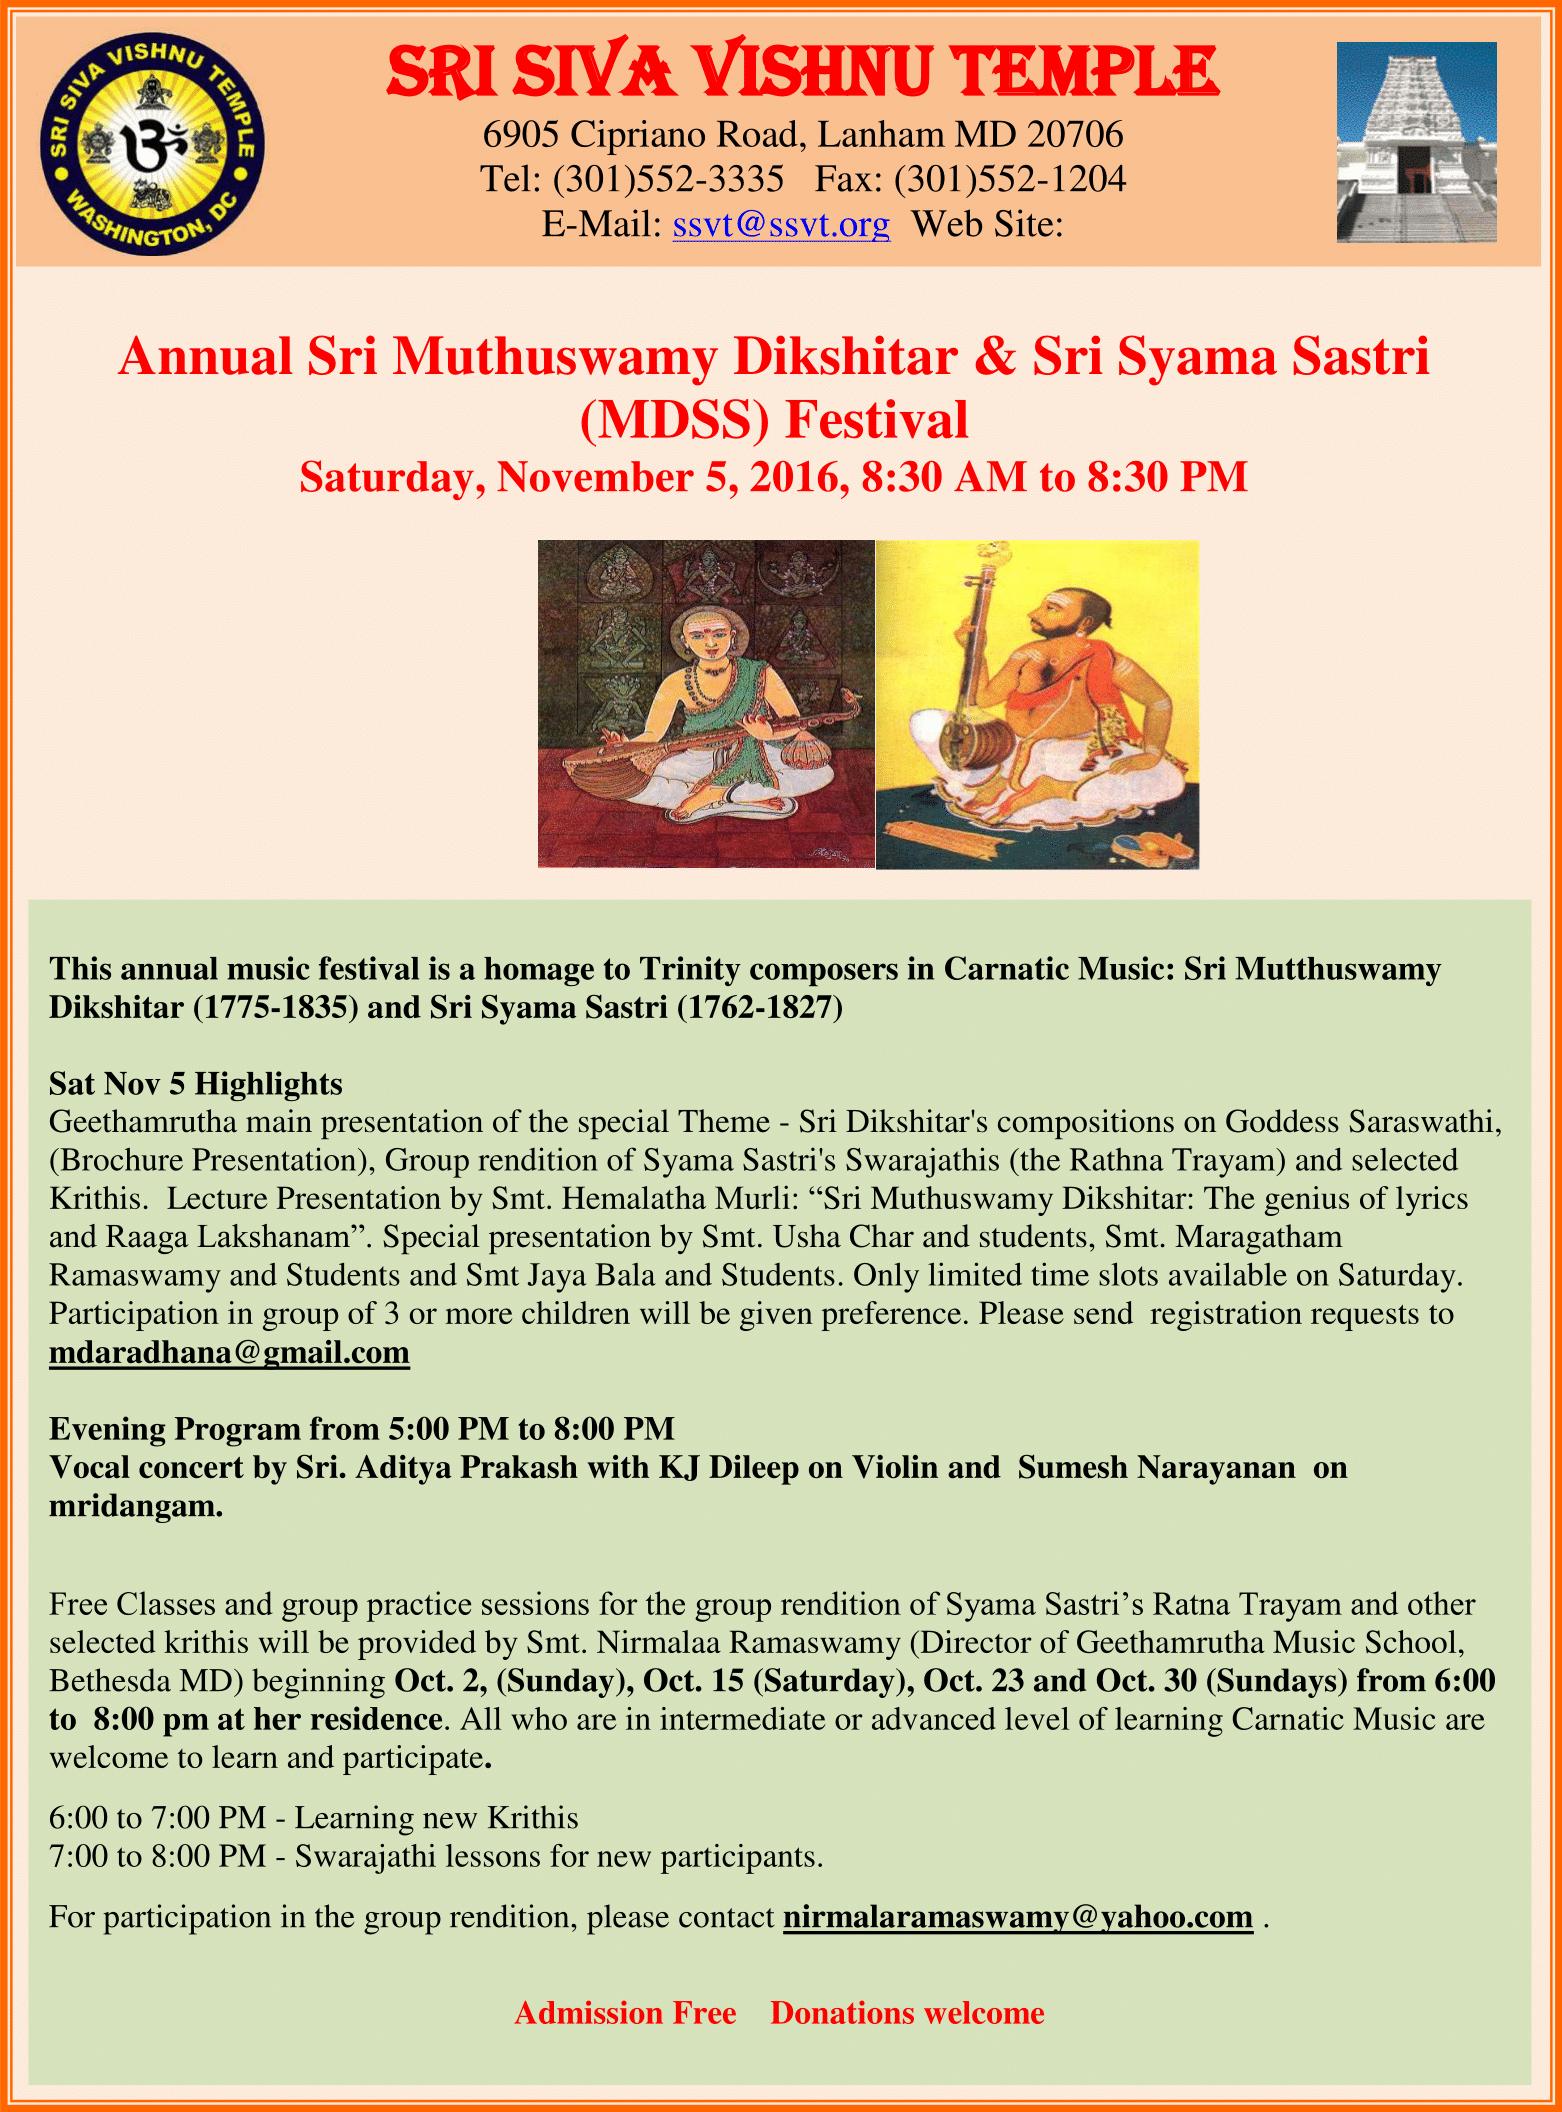 muthuswamydikshitar-syamasastry-festival-ssvt-lanham-md-nov2016